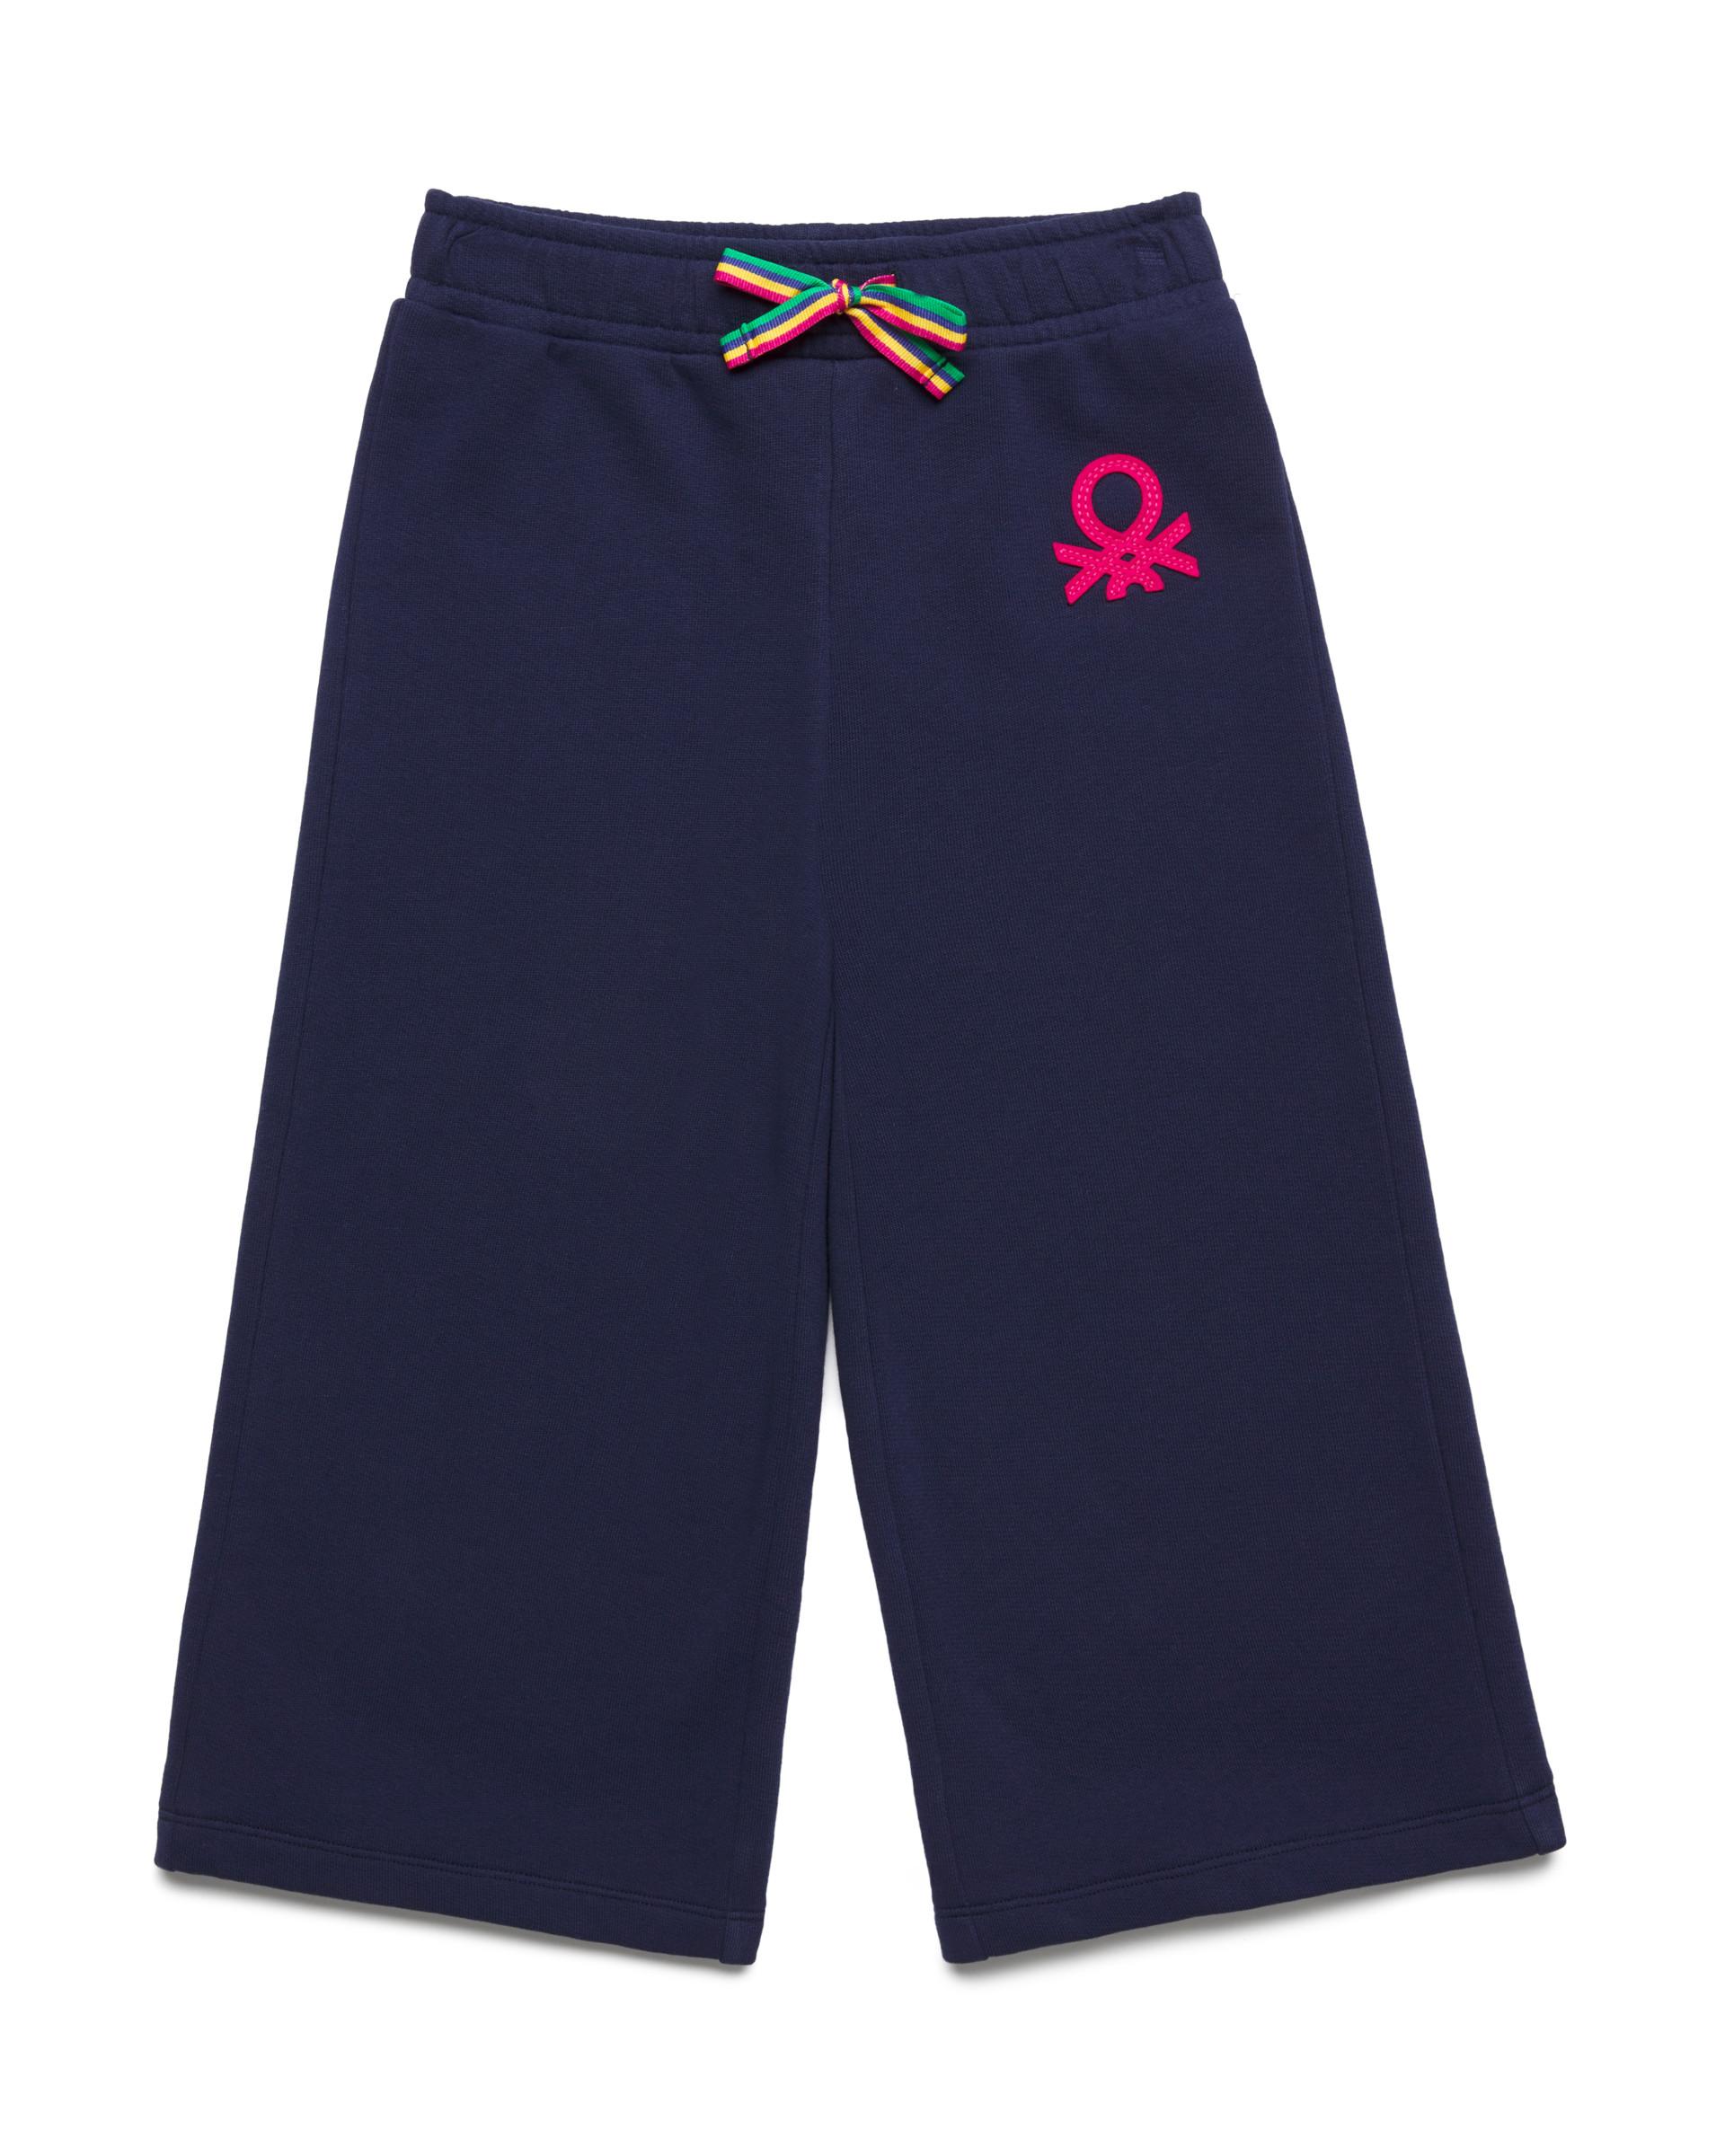 Купить 20P_3J68I0982_252, Спортивные брюки-кюлоты 3/4 для девочек Benetton 3J68I0982_252 р-р 152, United Colors of Benetton, Брюки для девочек